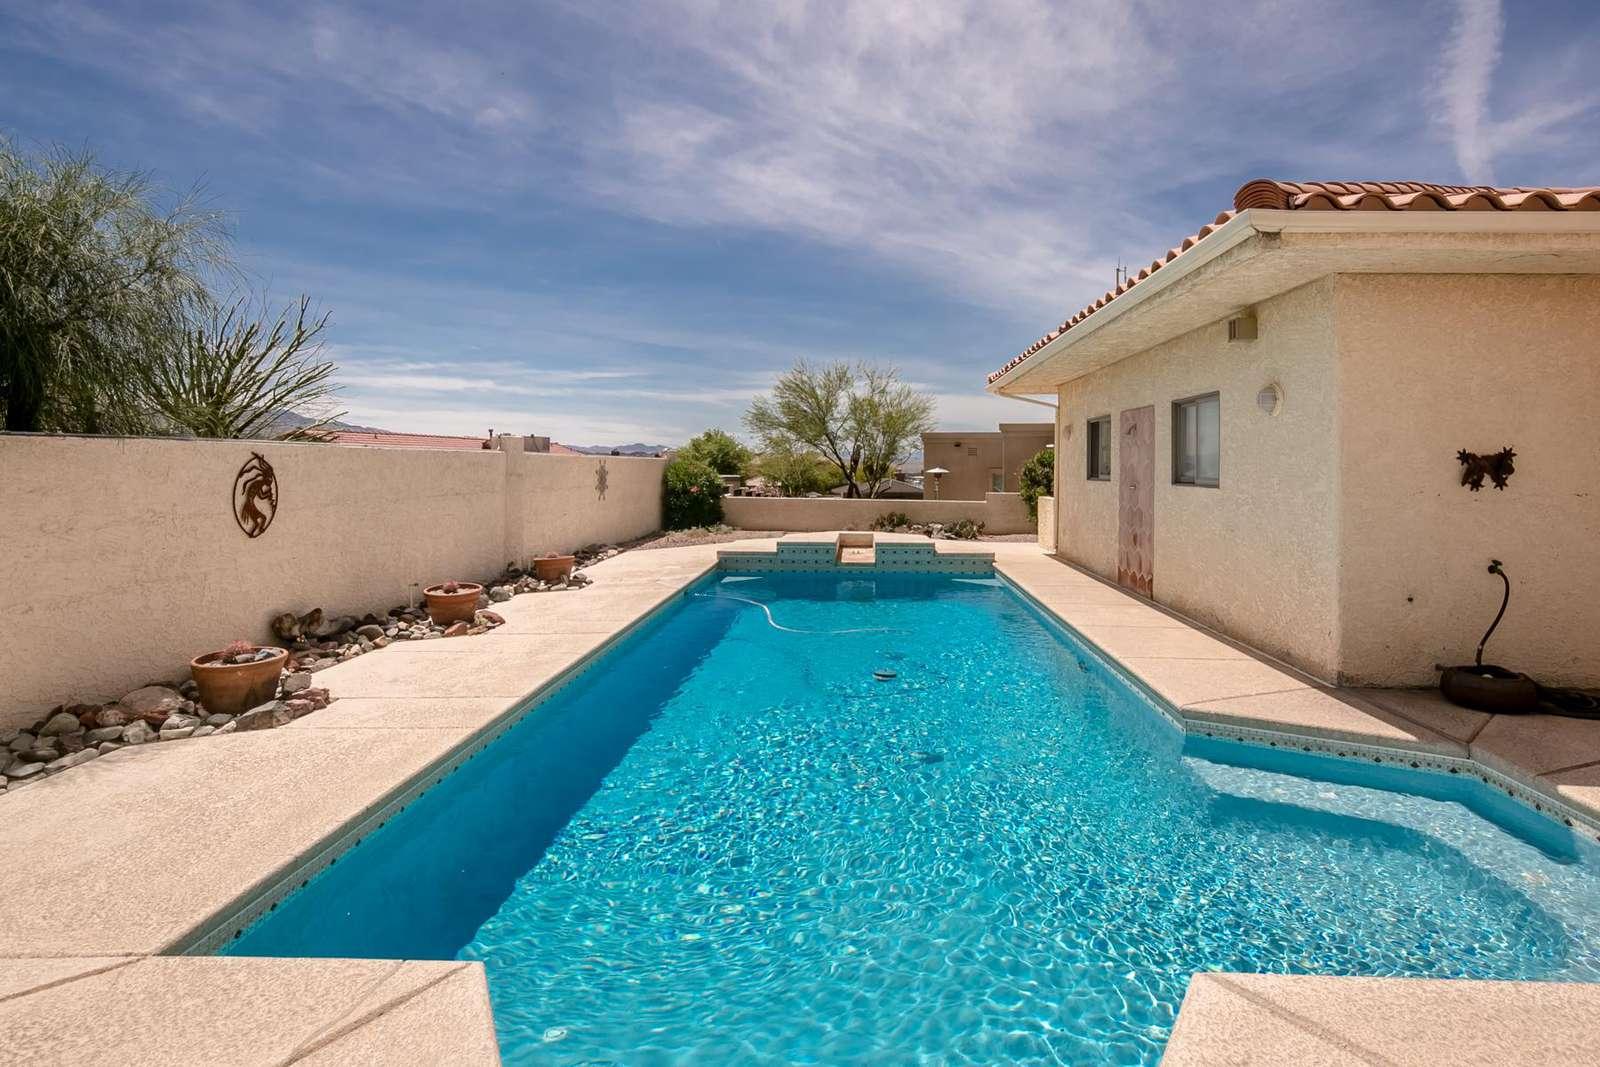 Garage pool - property